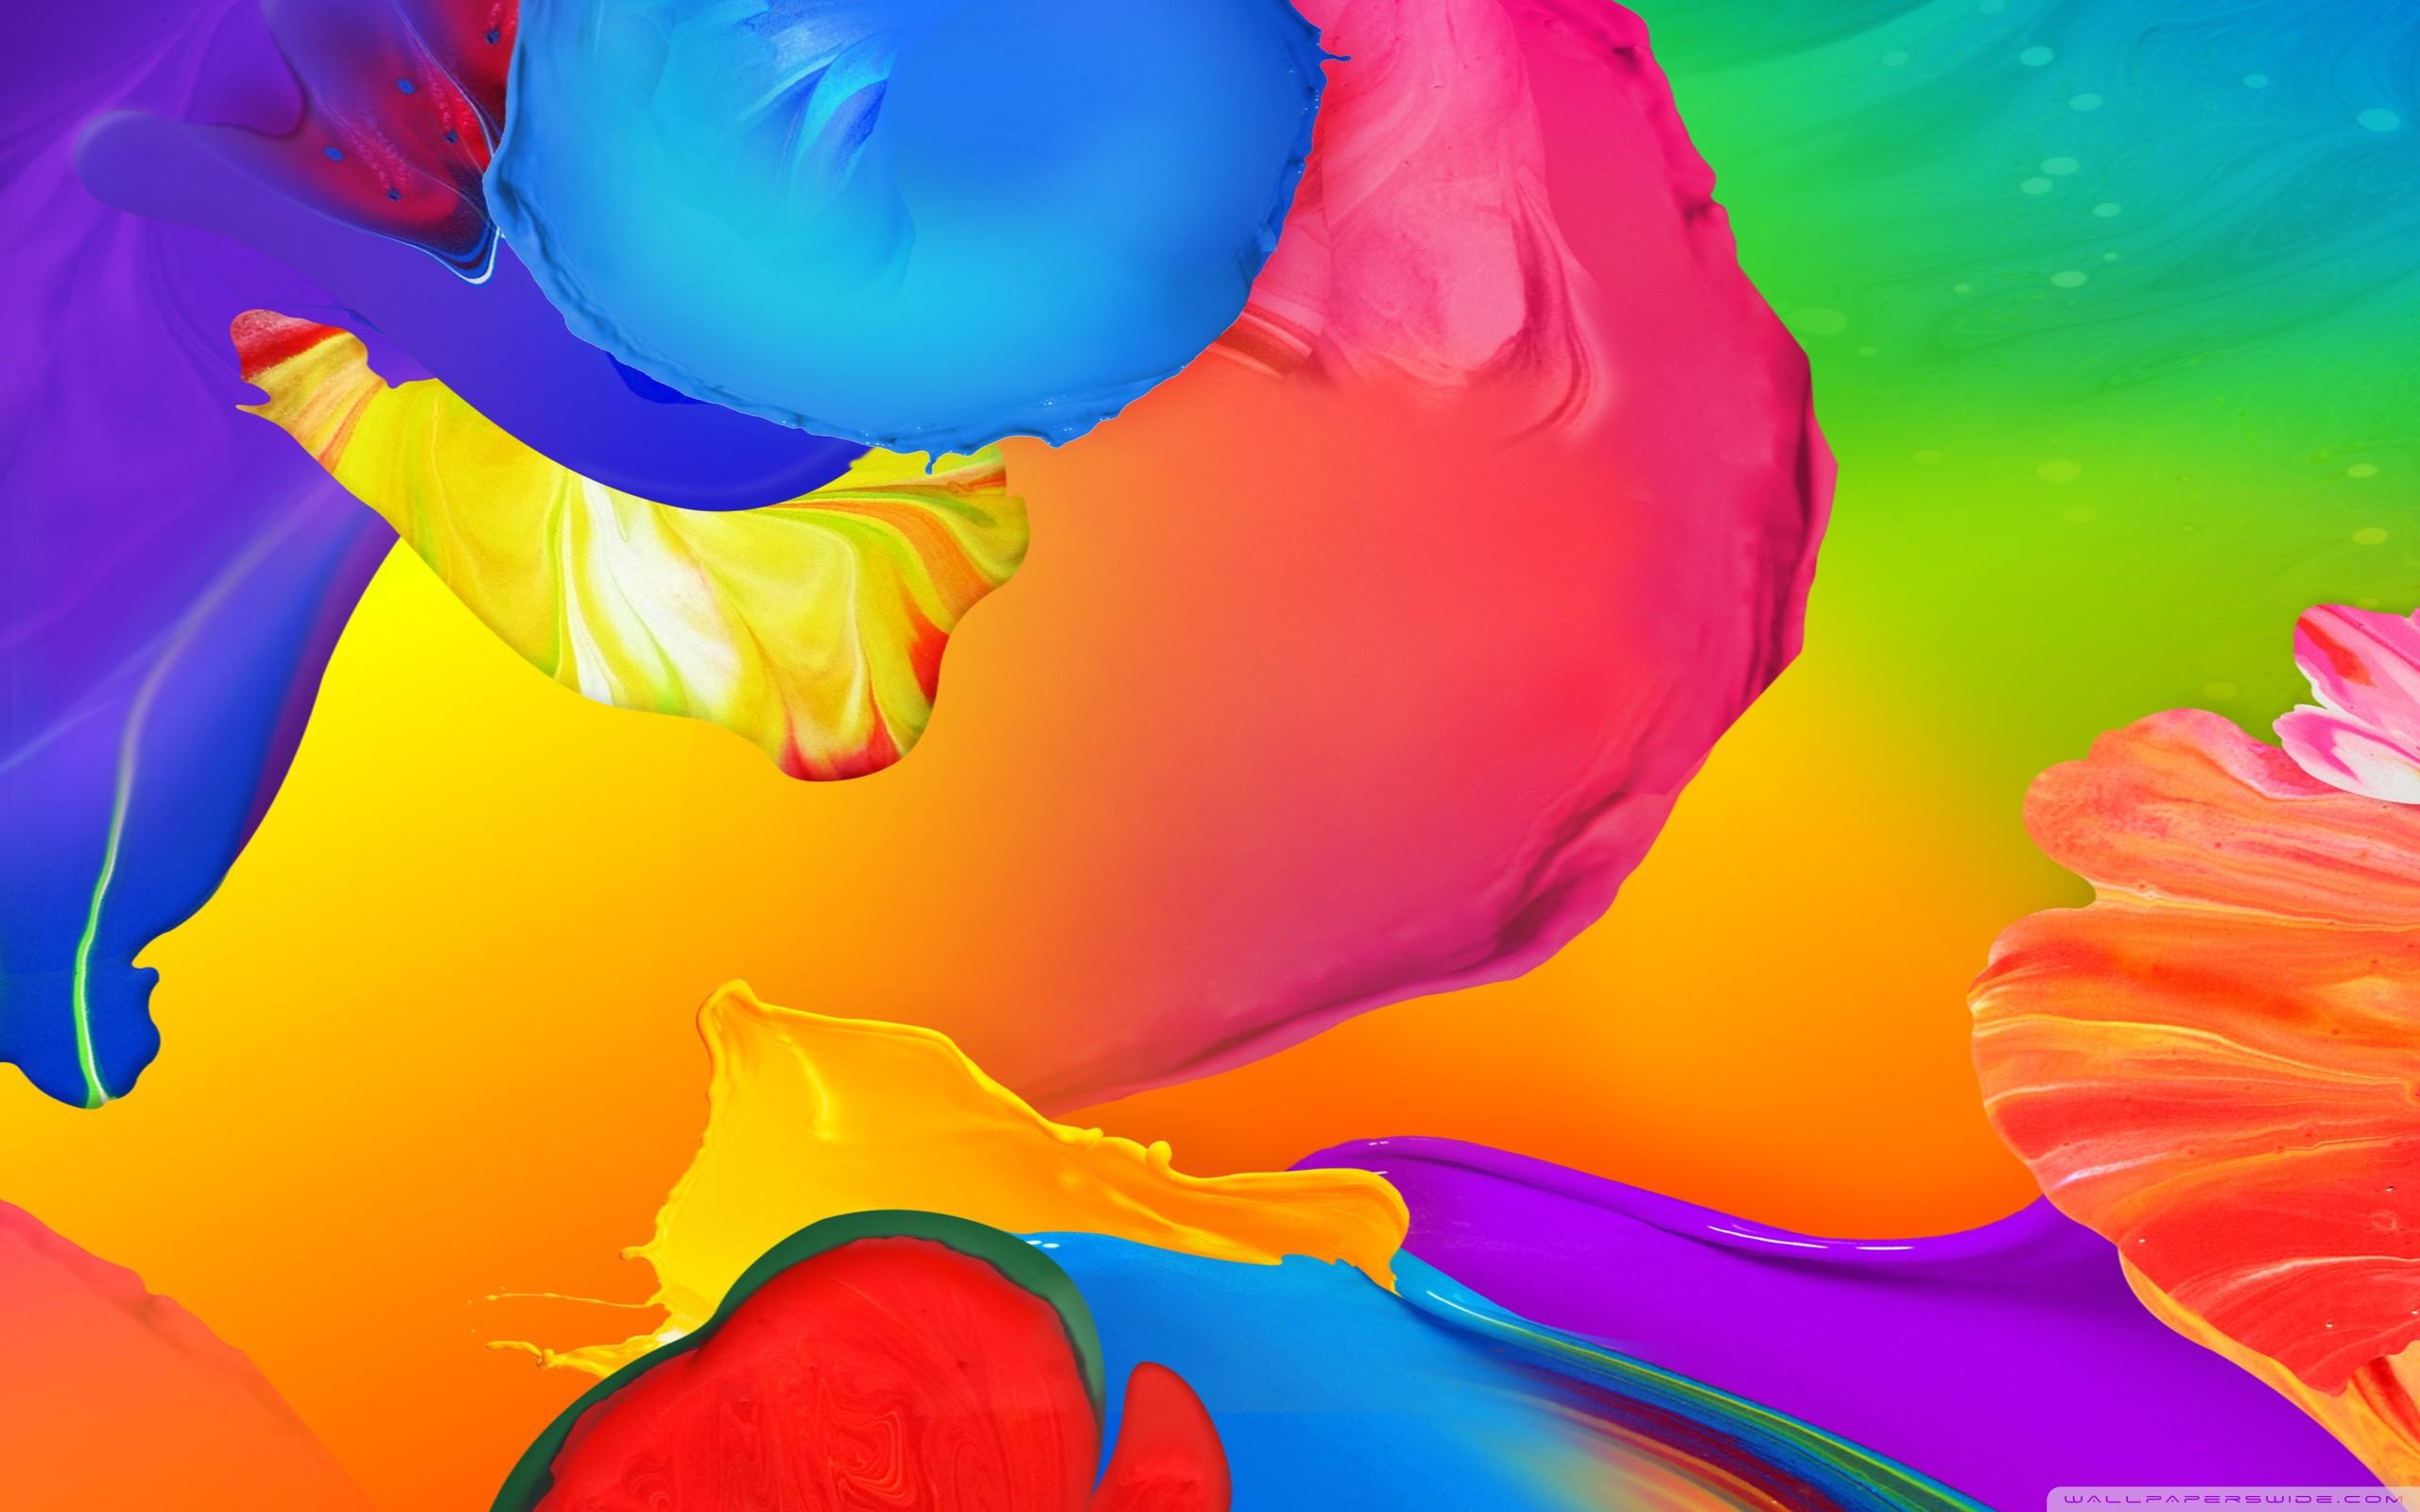 Galaxy S5 Paint 4K HD Desktop Wallpaper for 4K Ultra HD TV 2560x1600